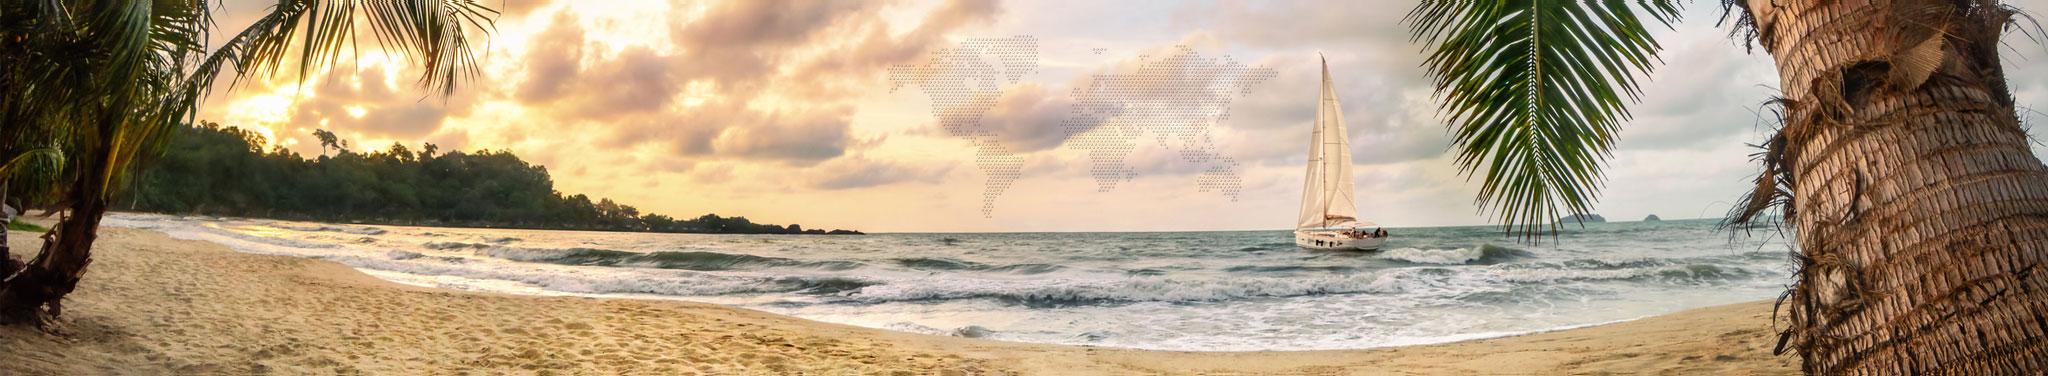 Strand mit Sonnenuntergang und Palmen